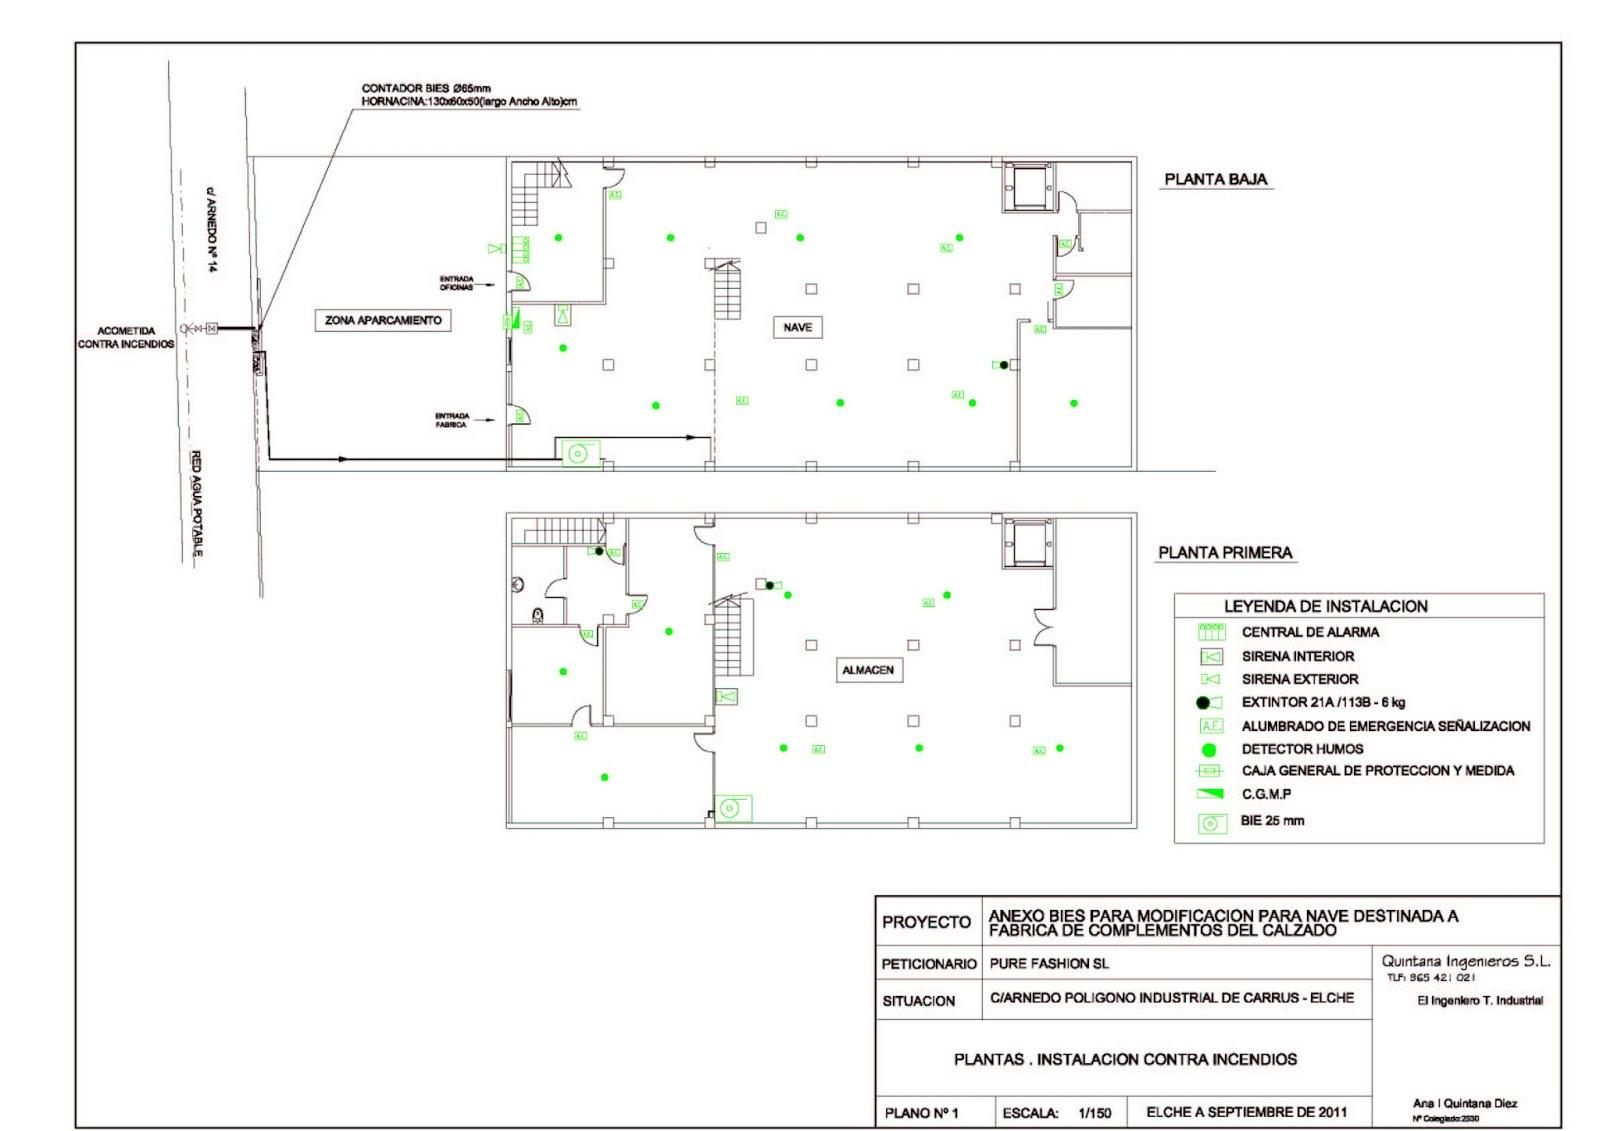 Proyectos tecnicos de ingenier a mayo 2013 - Como hacer una instalacion de fontaneria ...